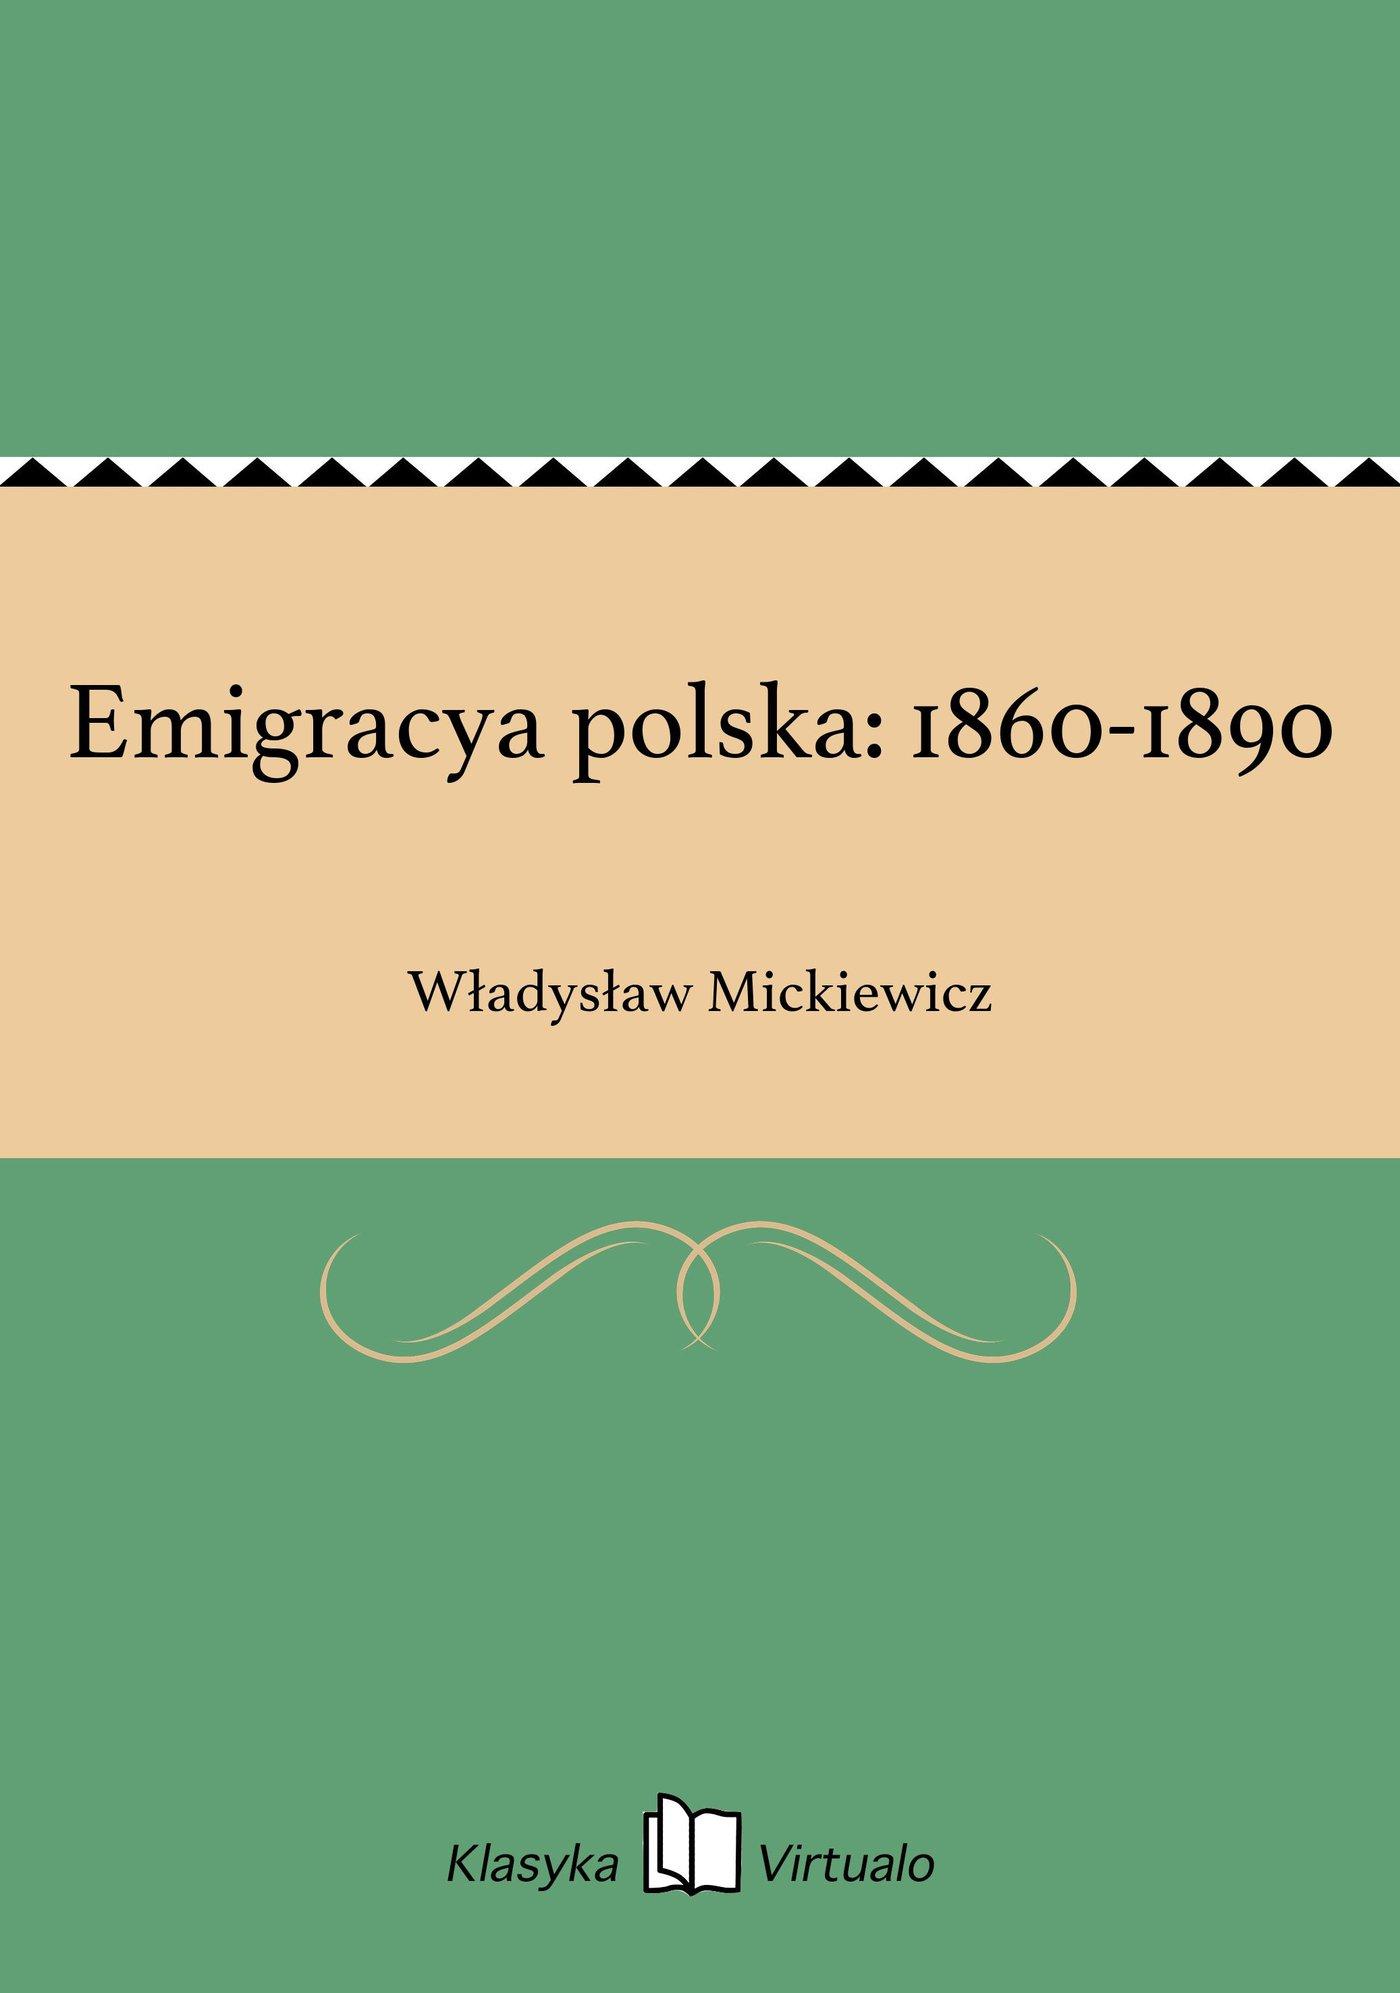 Emigracya polska: 1860-1890 - Ebook (Książka EPUB) do pobrania w formacie EPUB